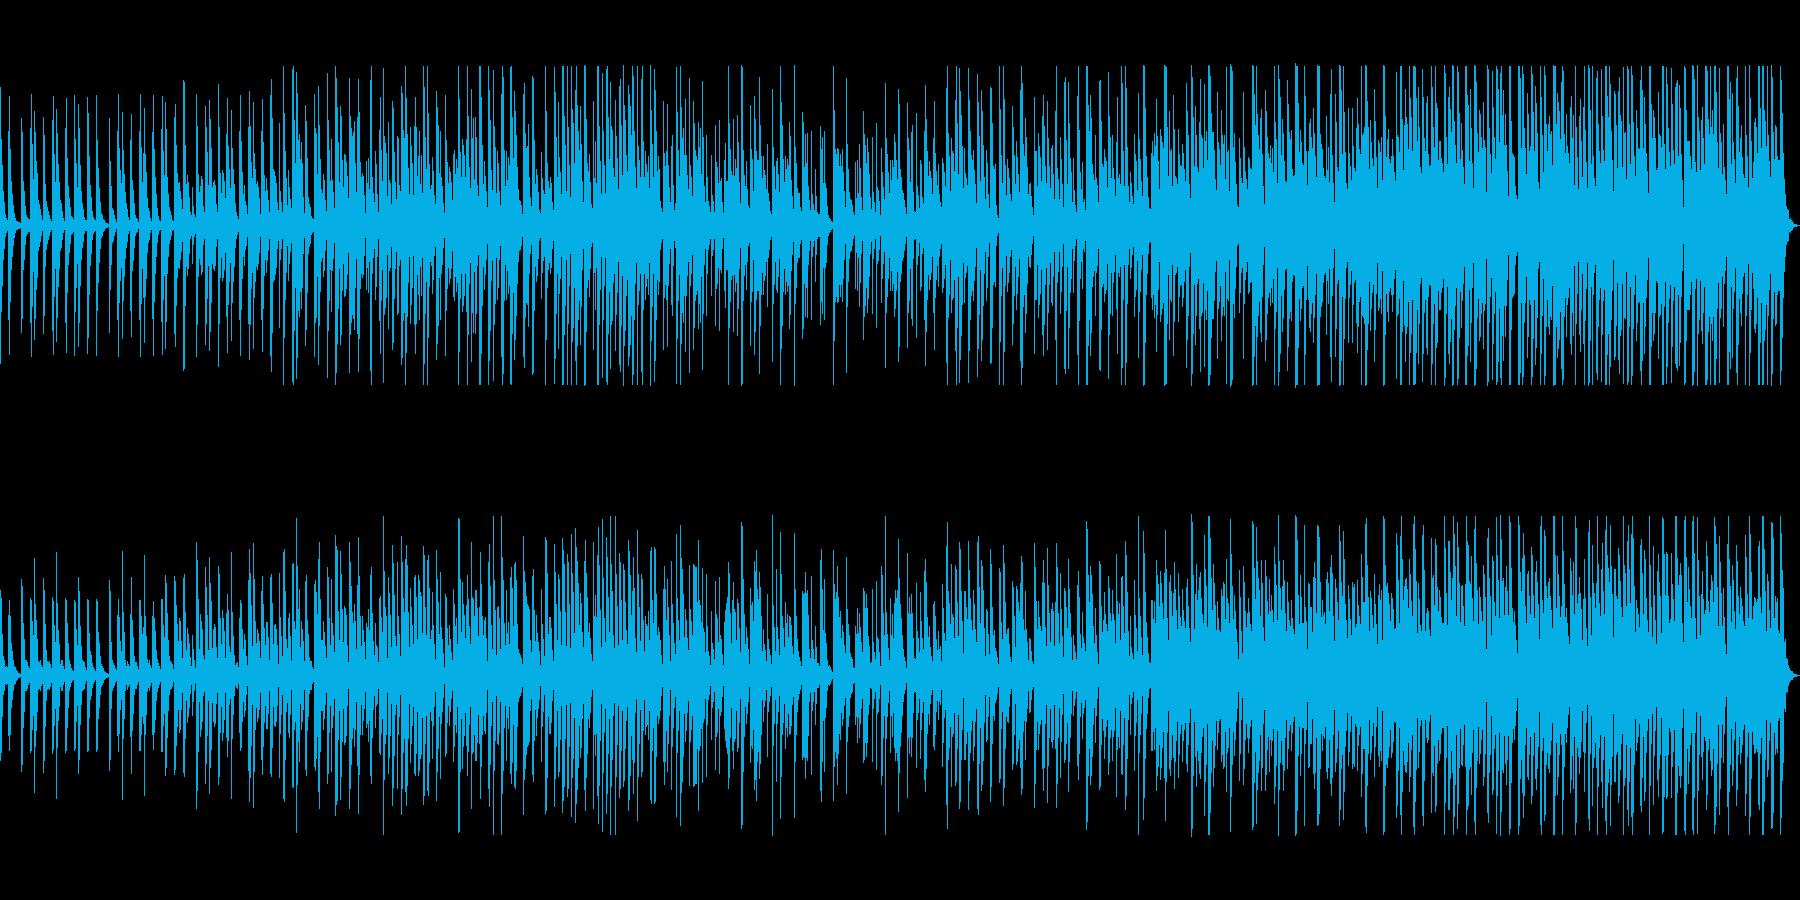 木琴とピアノのミニマル・ミュージックの再生済みの波形